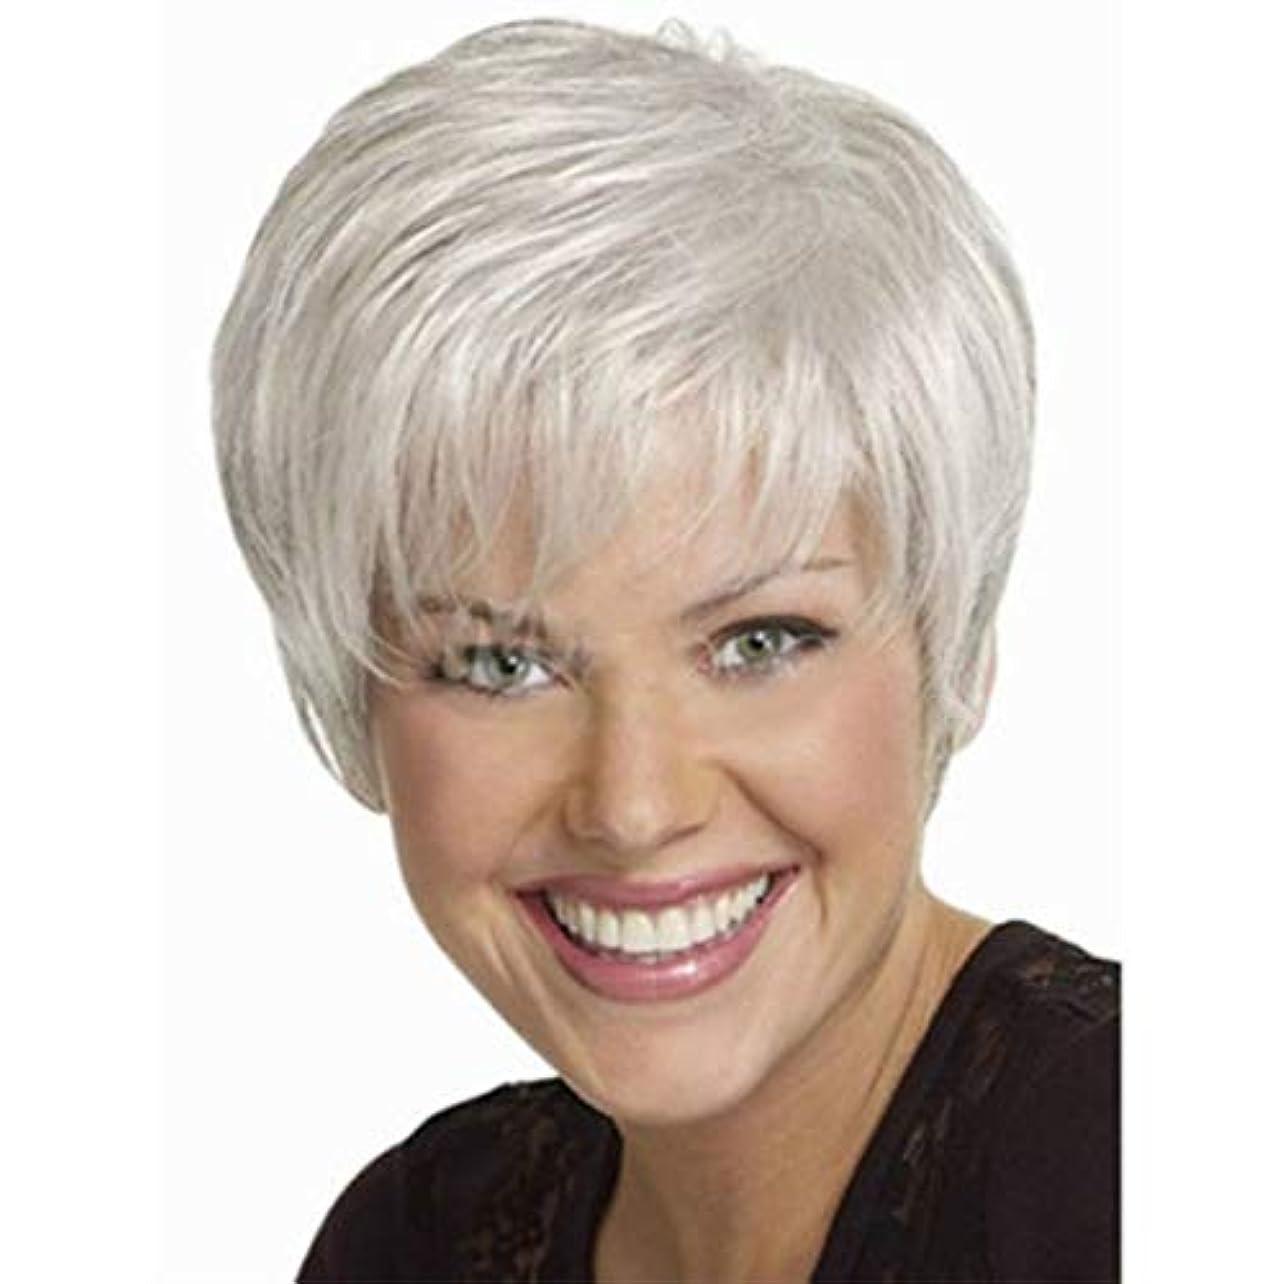 常に洗練対角線Kerwinner ショートヘアウィッグショートストレート人工毛フルウィッグ自然に見える高温ワイヤーウィッグ女性用